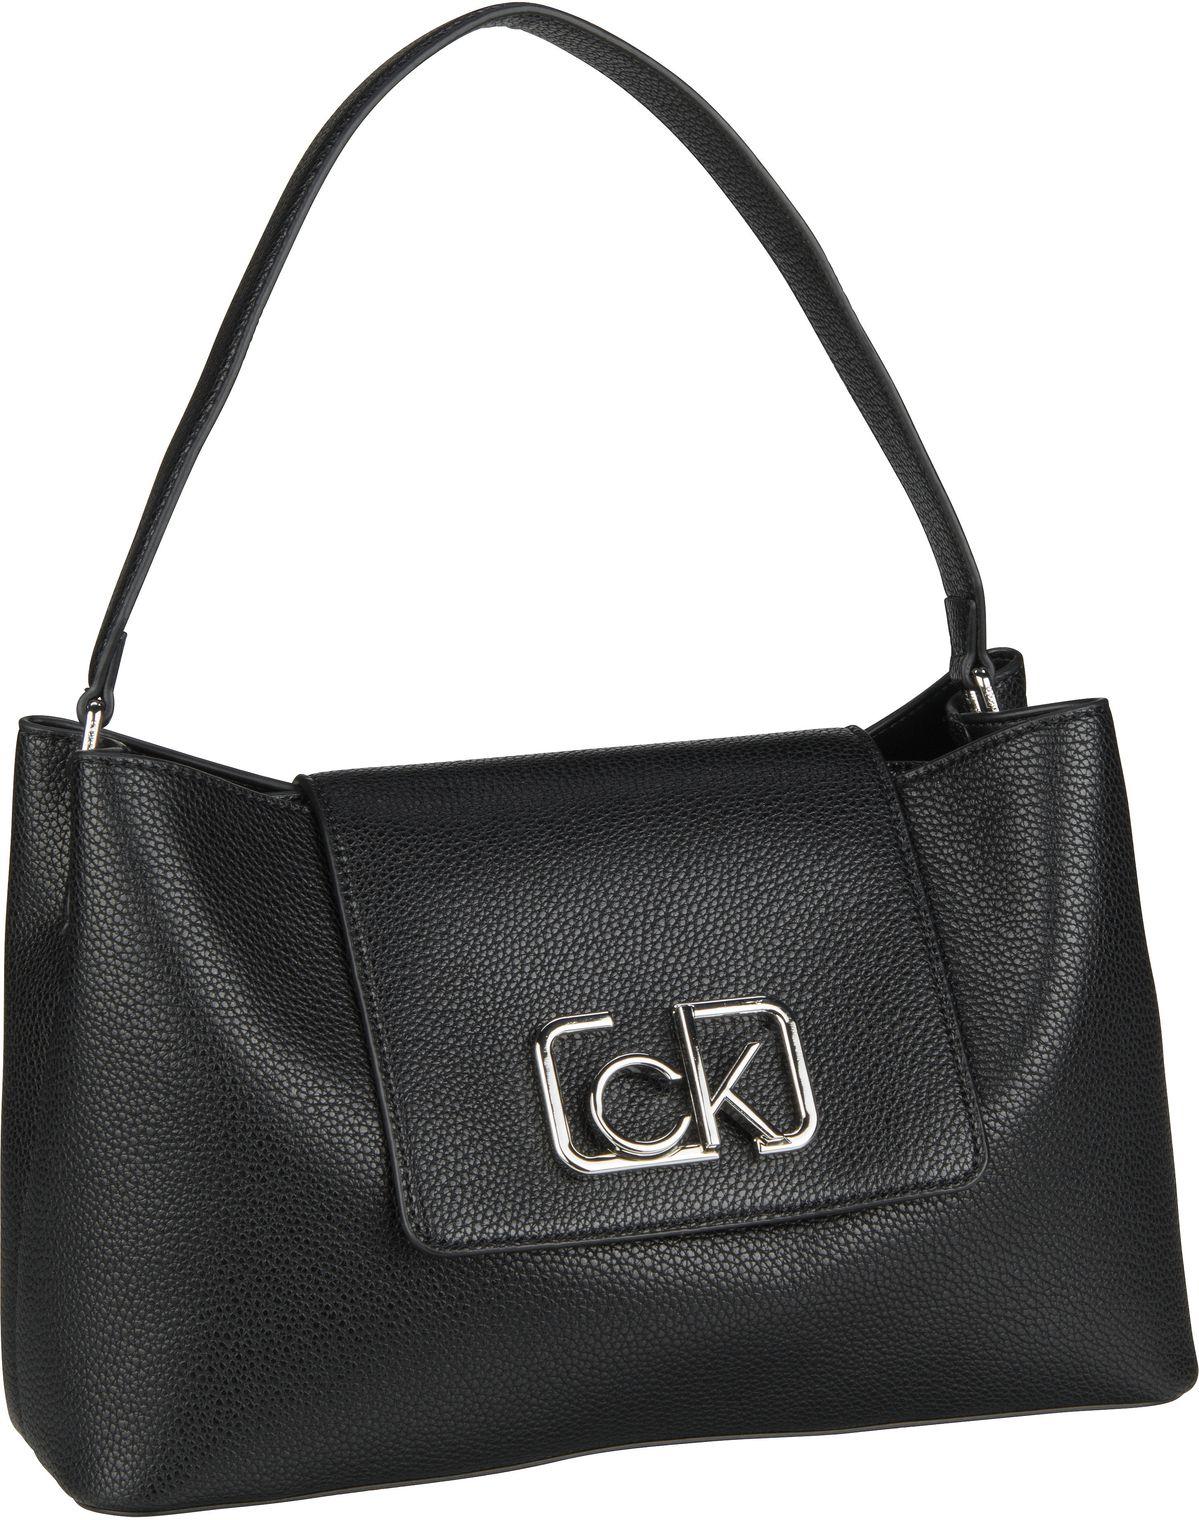 Handtasche CK Signature Top Handle MD Black